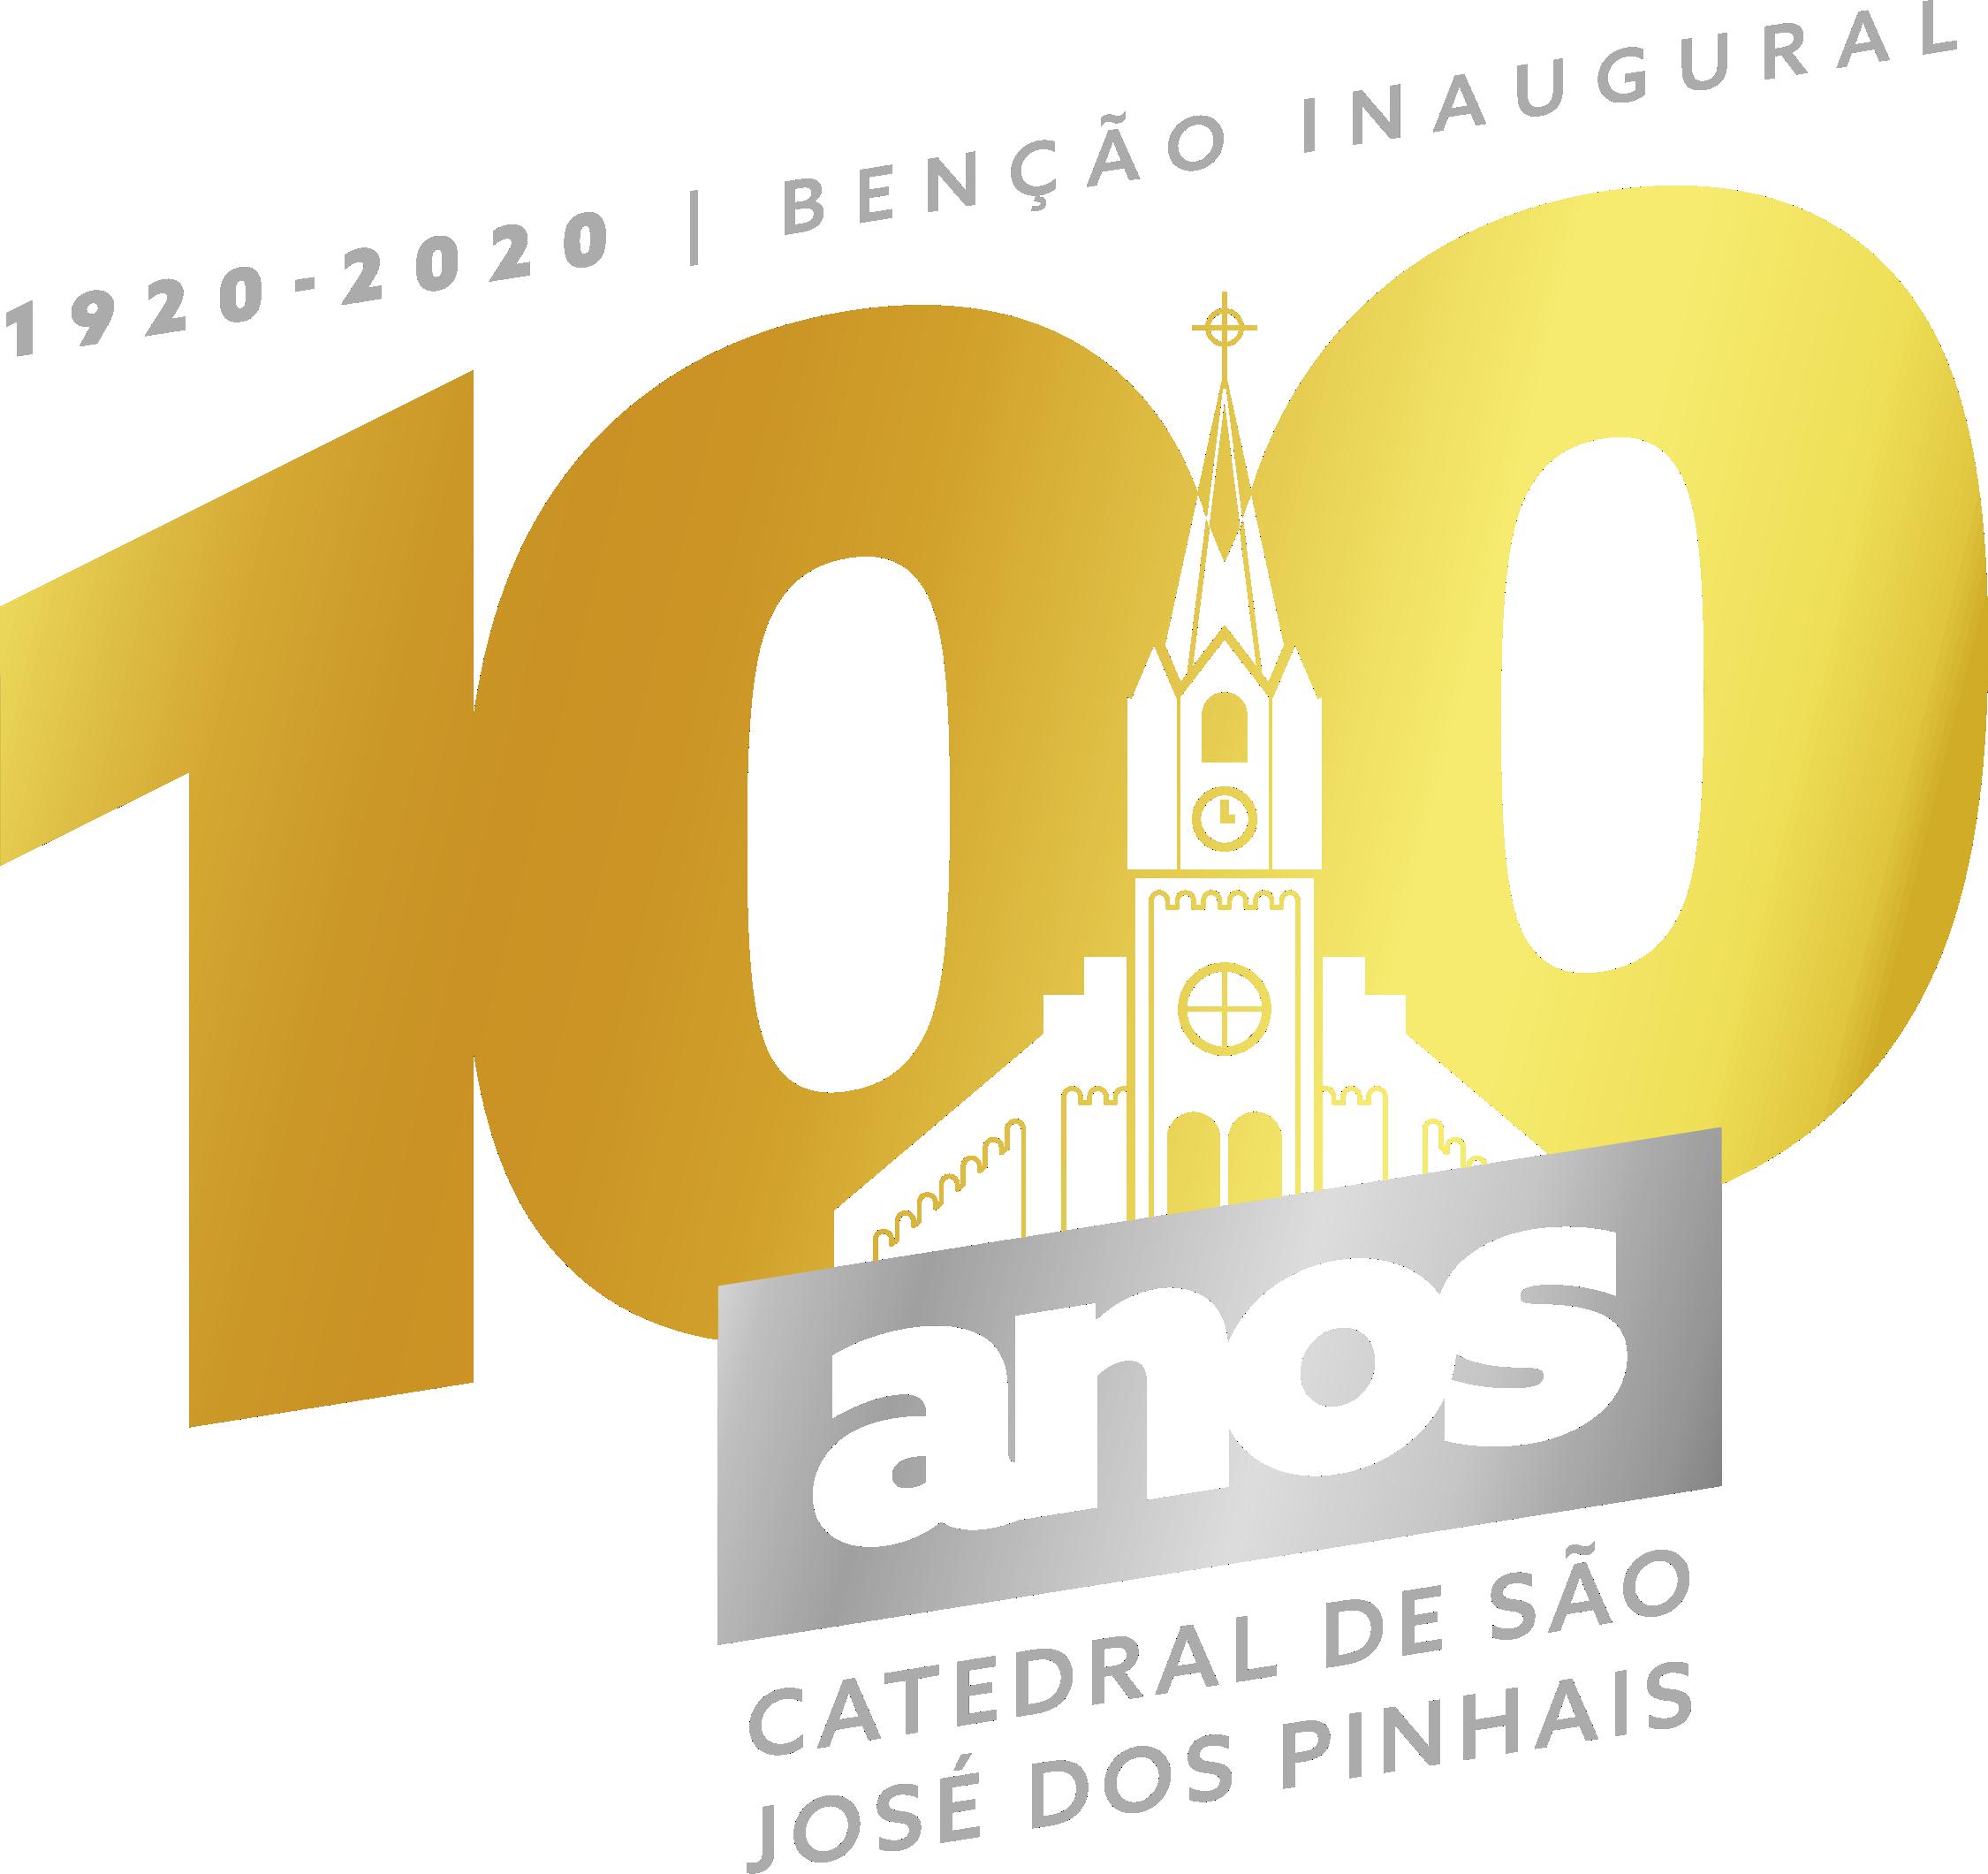 Catedral de São José dos Pinhais - 100 anos